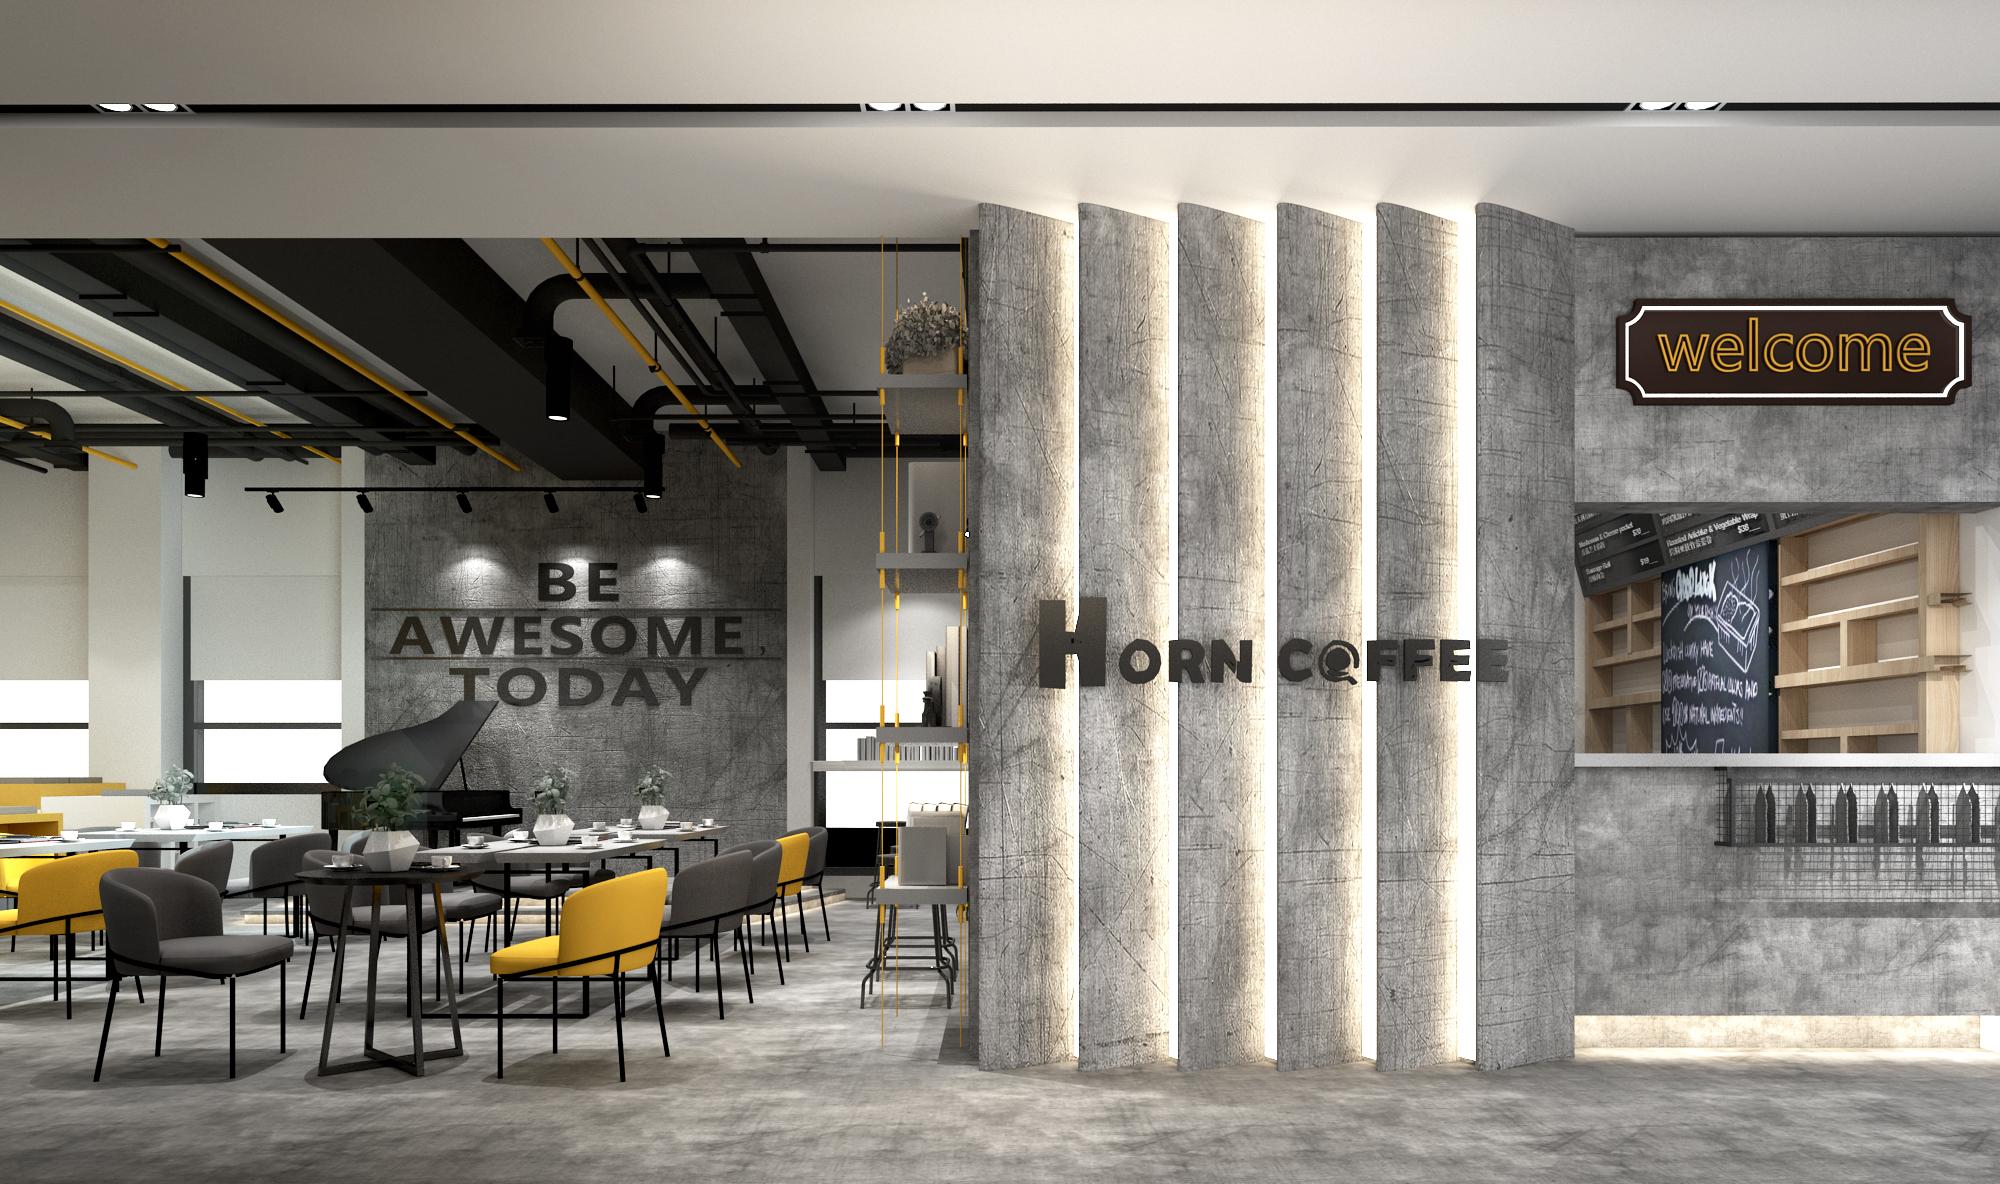 办公室设计公装效果图家装设计店铺设计餐厅设计购物空间酒店设计